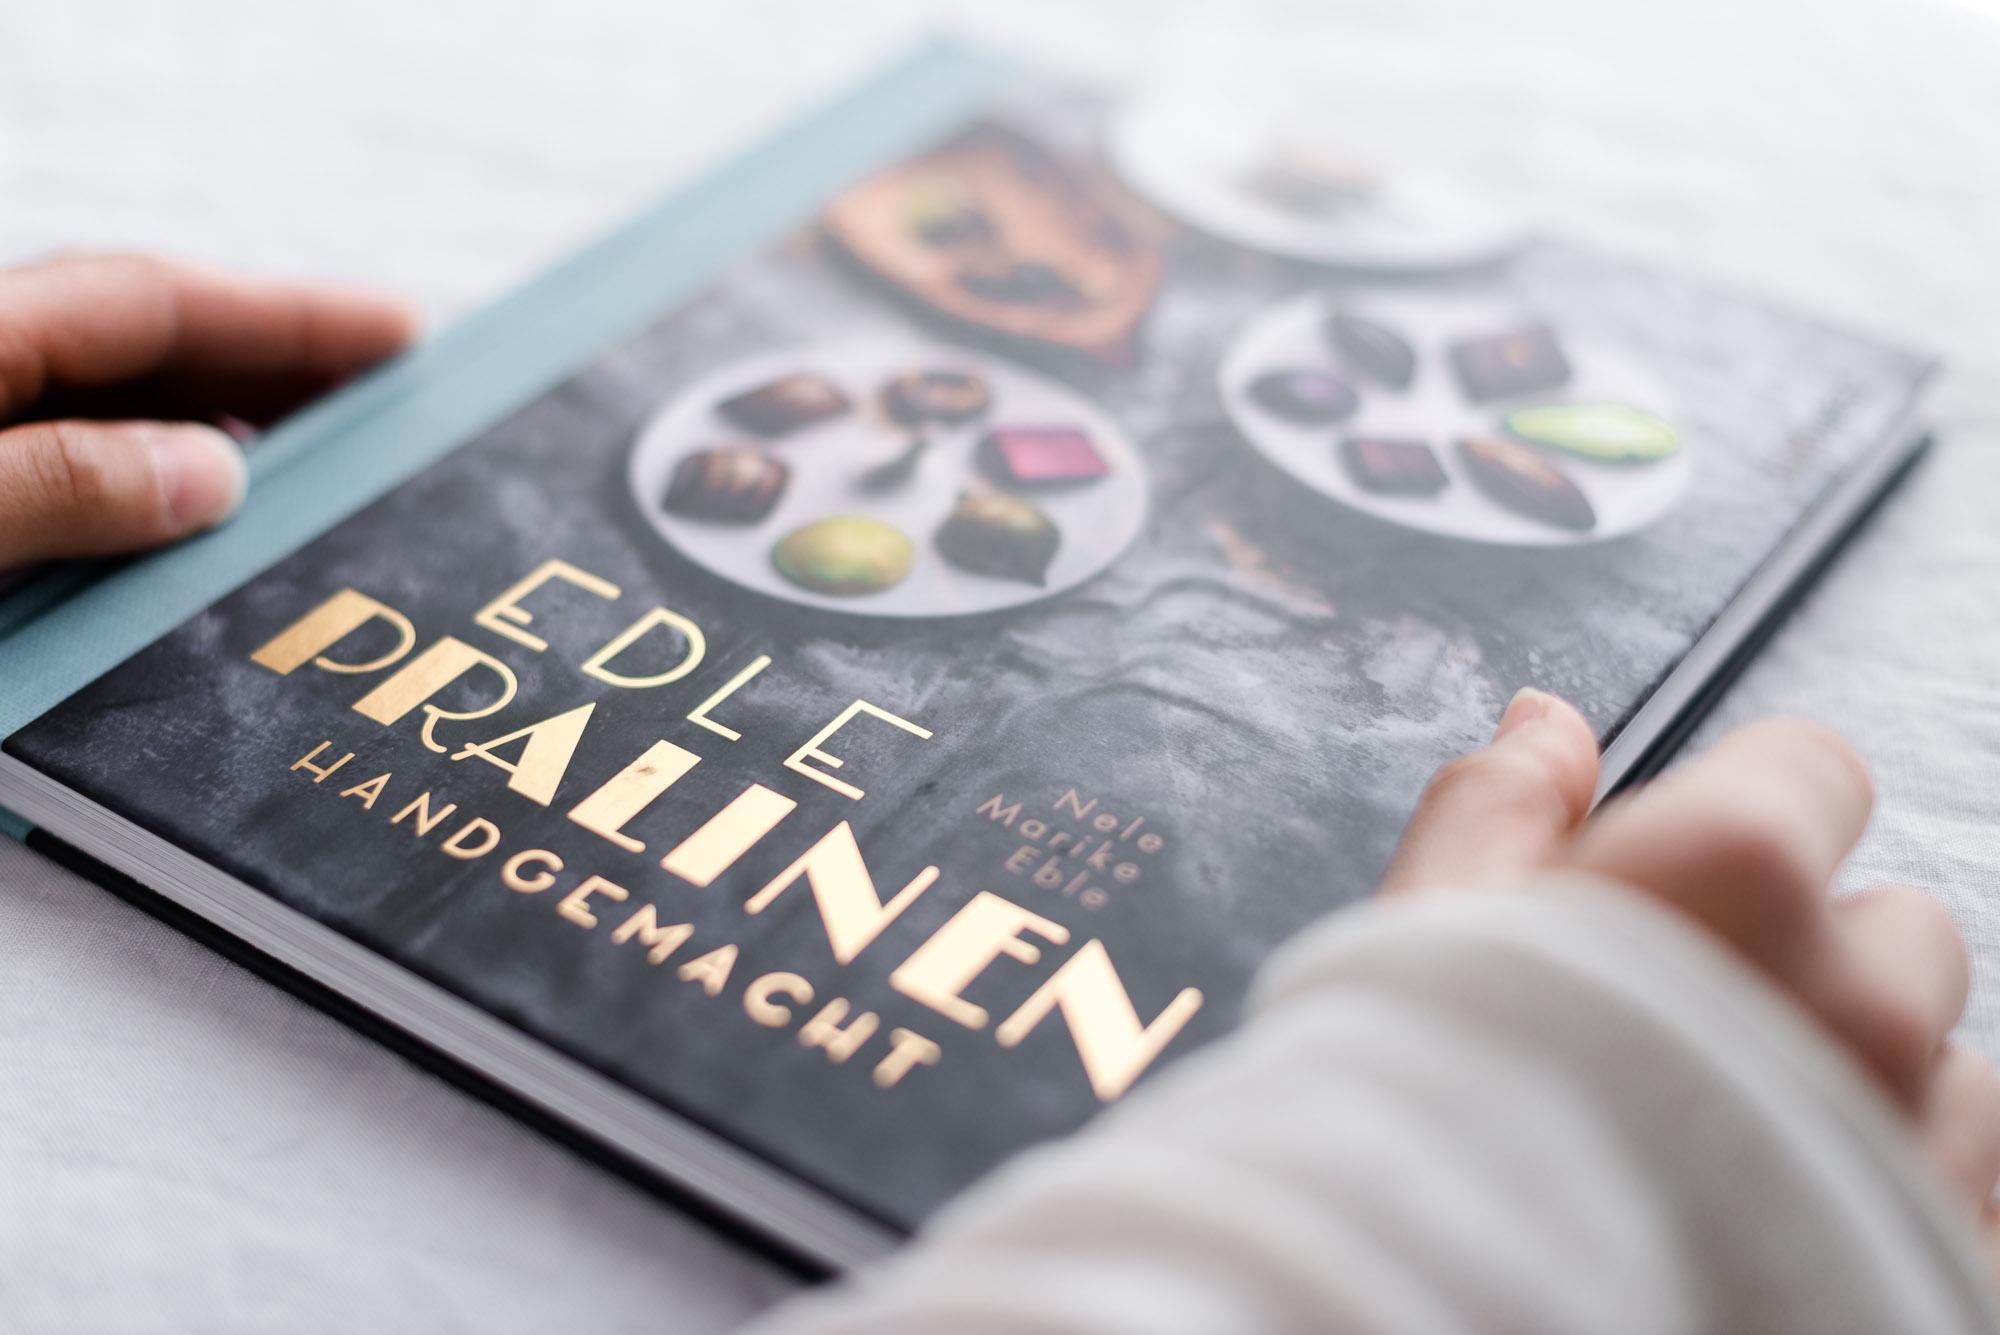 Edle Pralinen handgemacht Buch von Nele Marike Eble